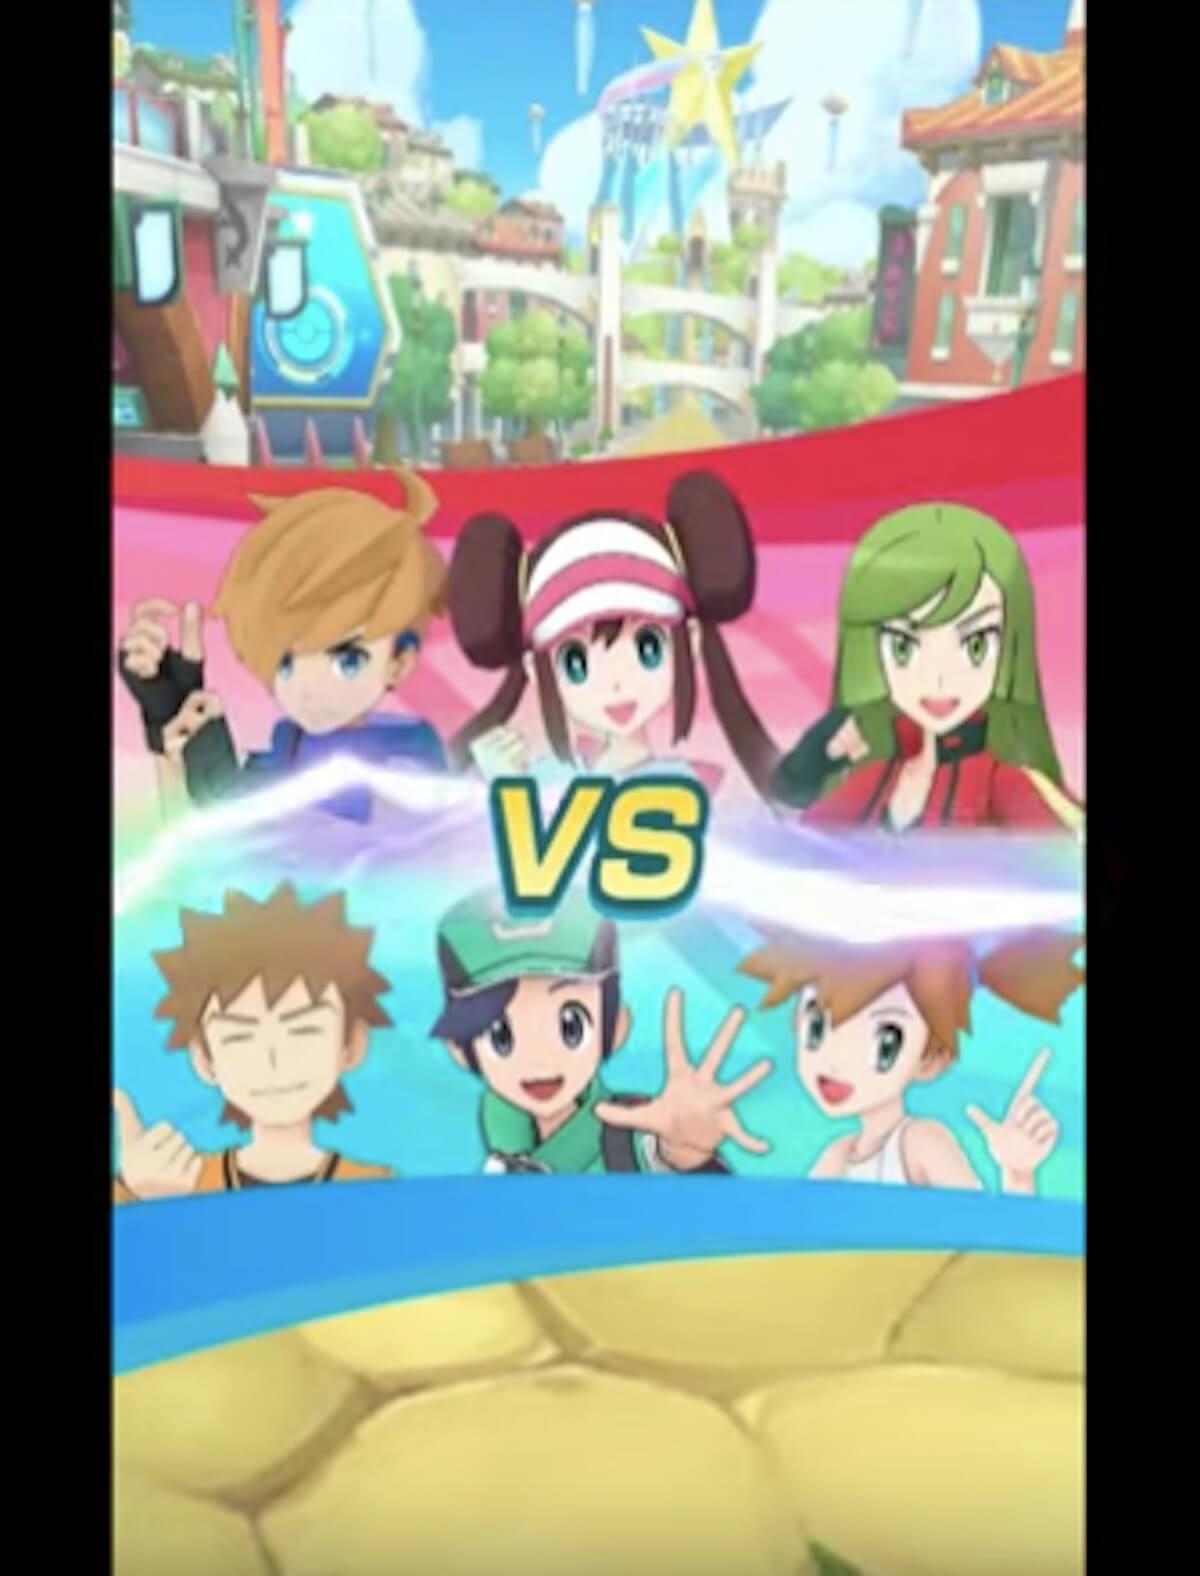 「ポケモンGO」に続く新作ゲームアプリ「ポケモンマスターズ」が年内に登場! tech190529_pokemonmasters_2